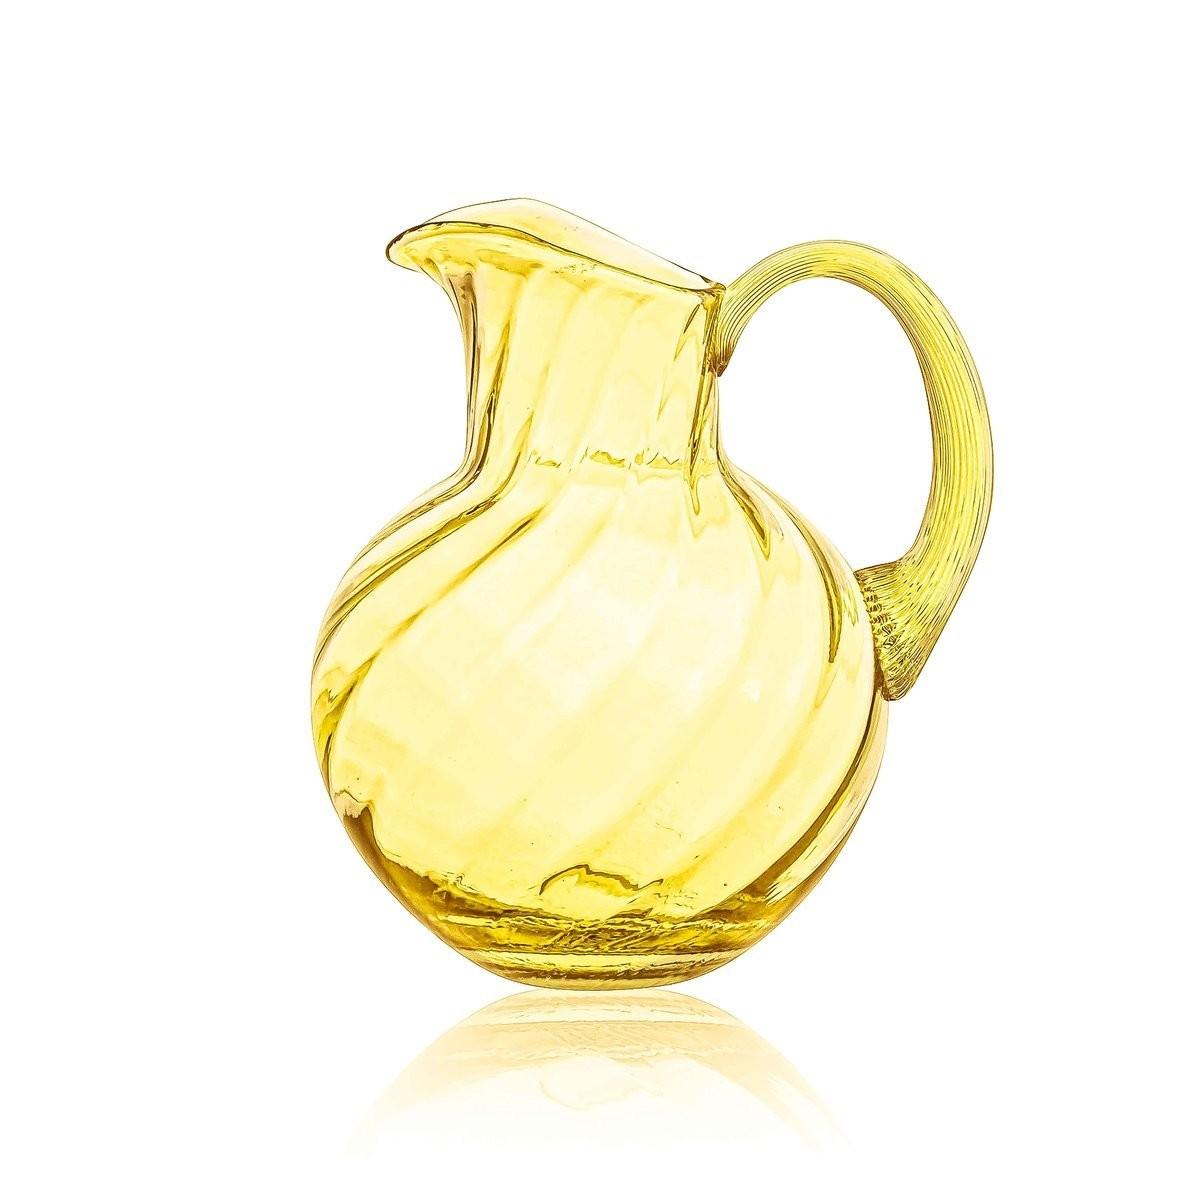 Kande, Paris Swirl Citron, Anna Von Lipa